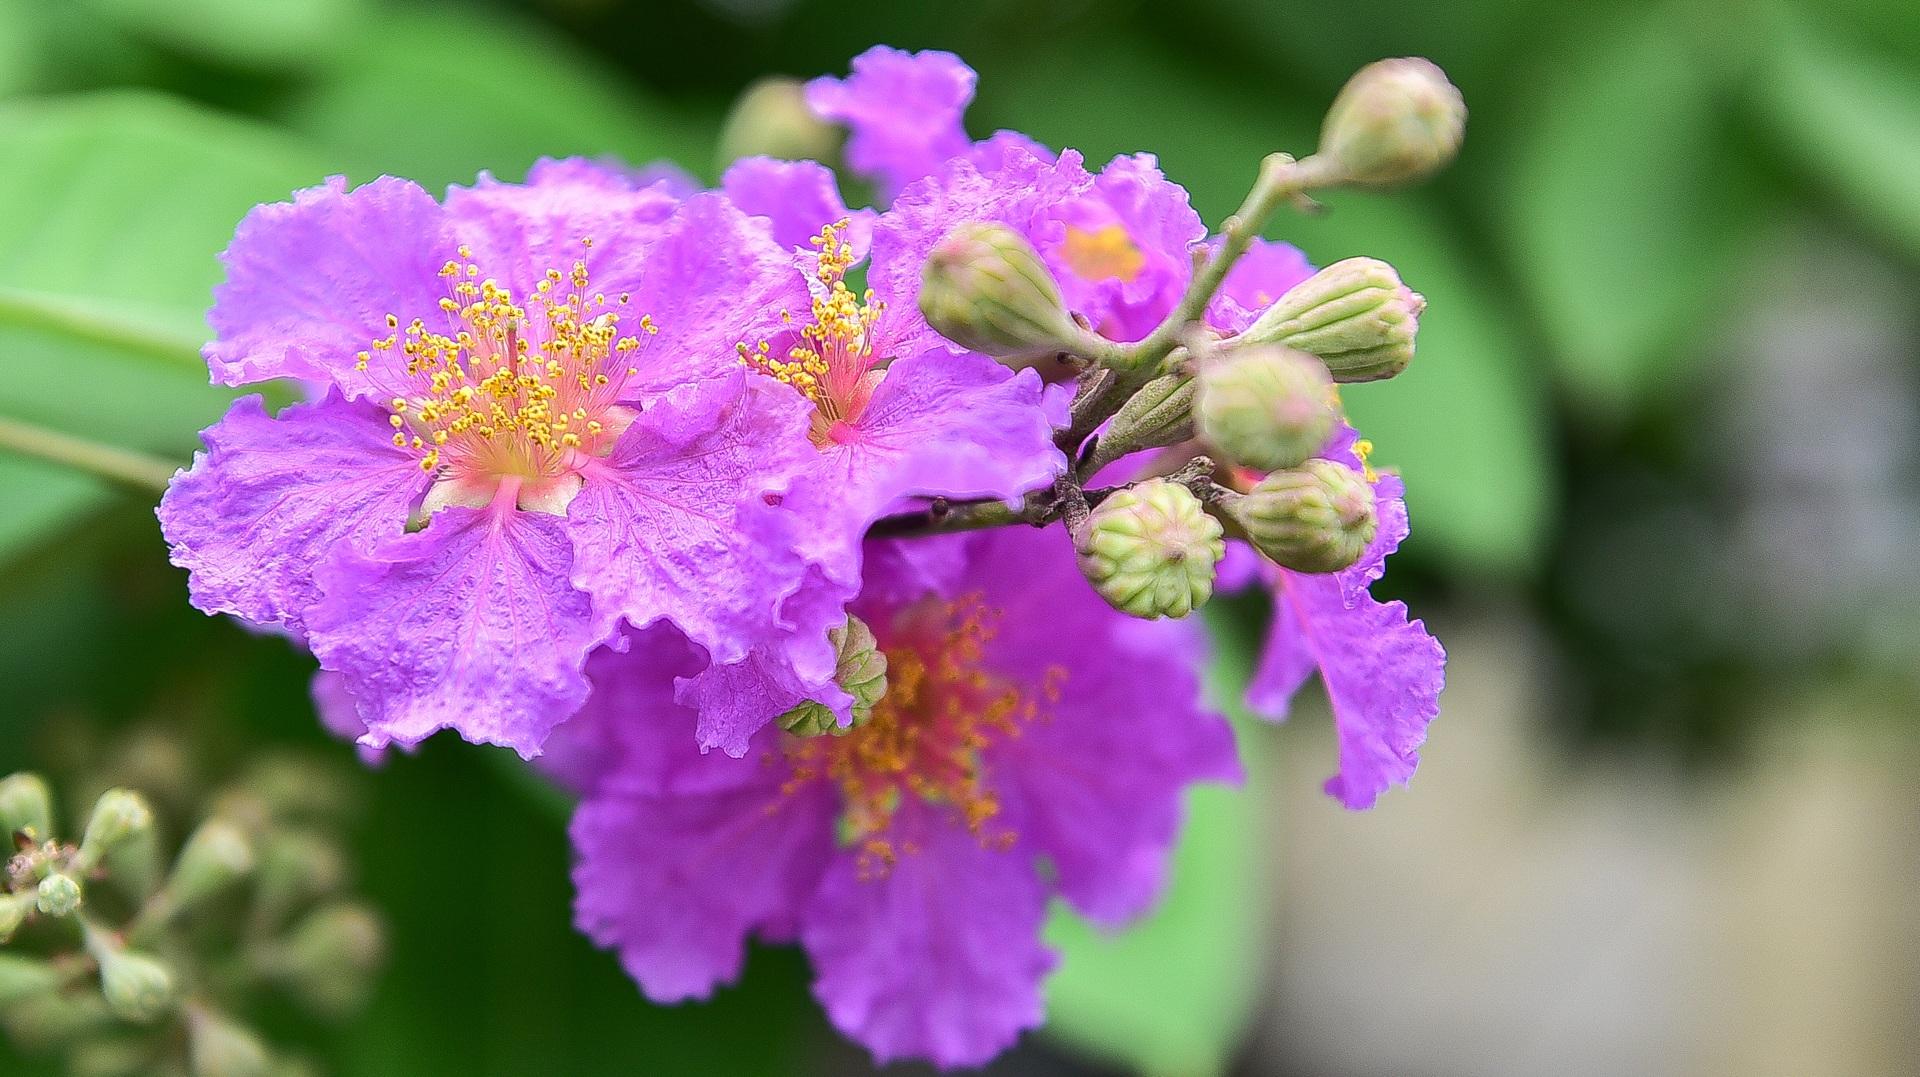 Hoa bằng lăng mộng mơ nhuộm tím đường phố Hà Nội - 5